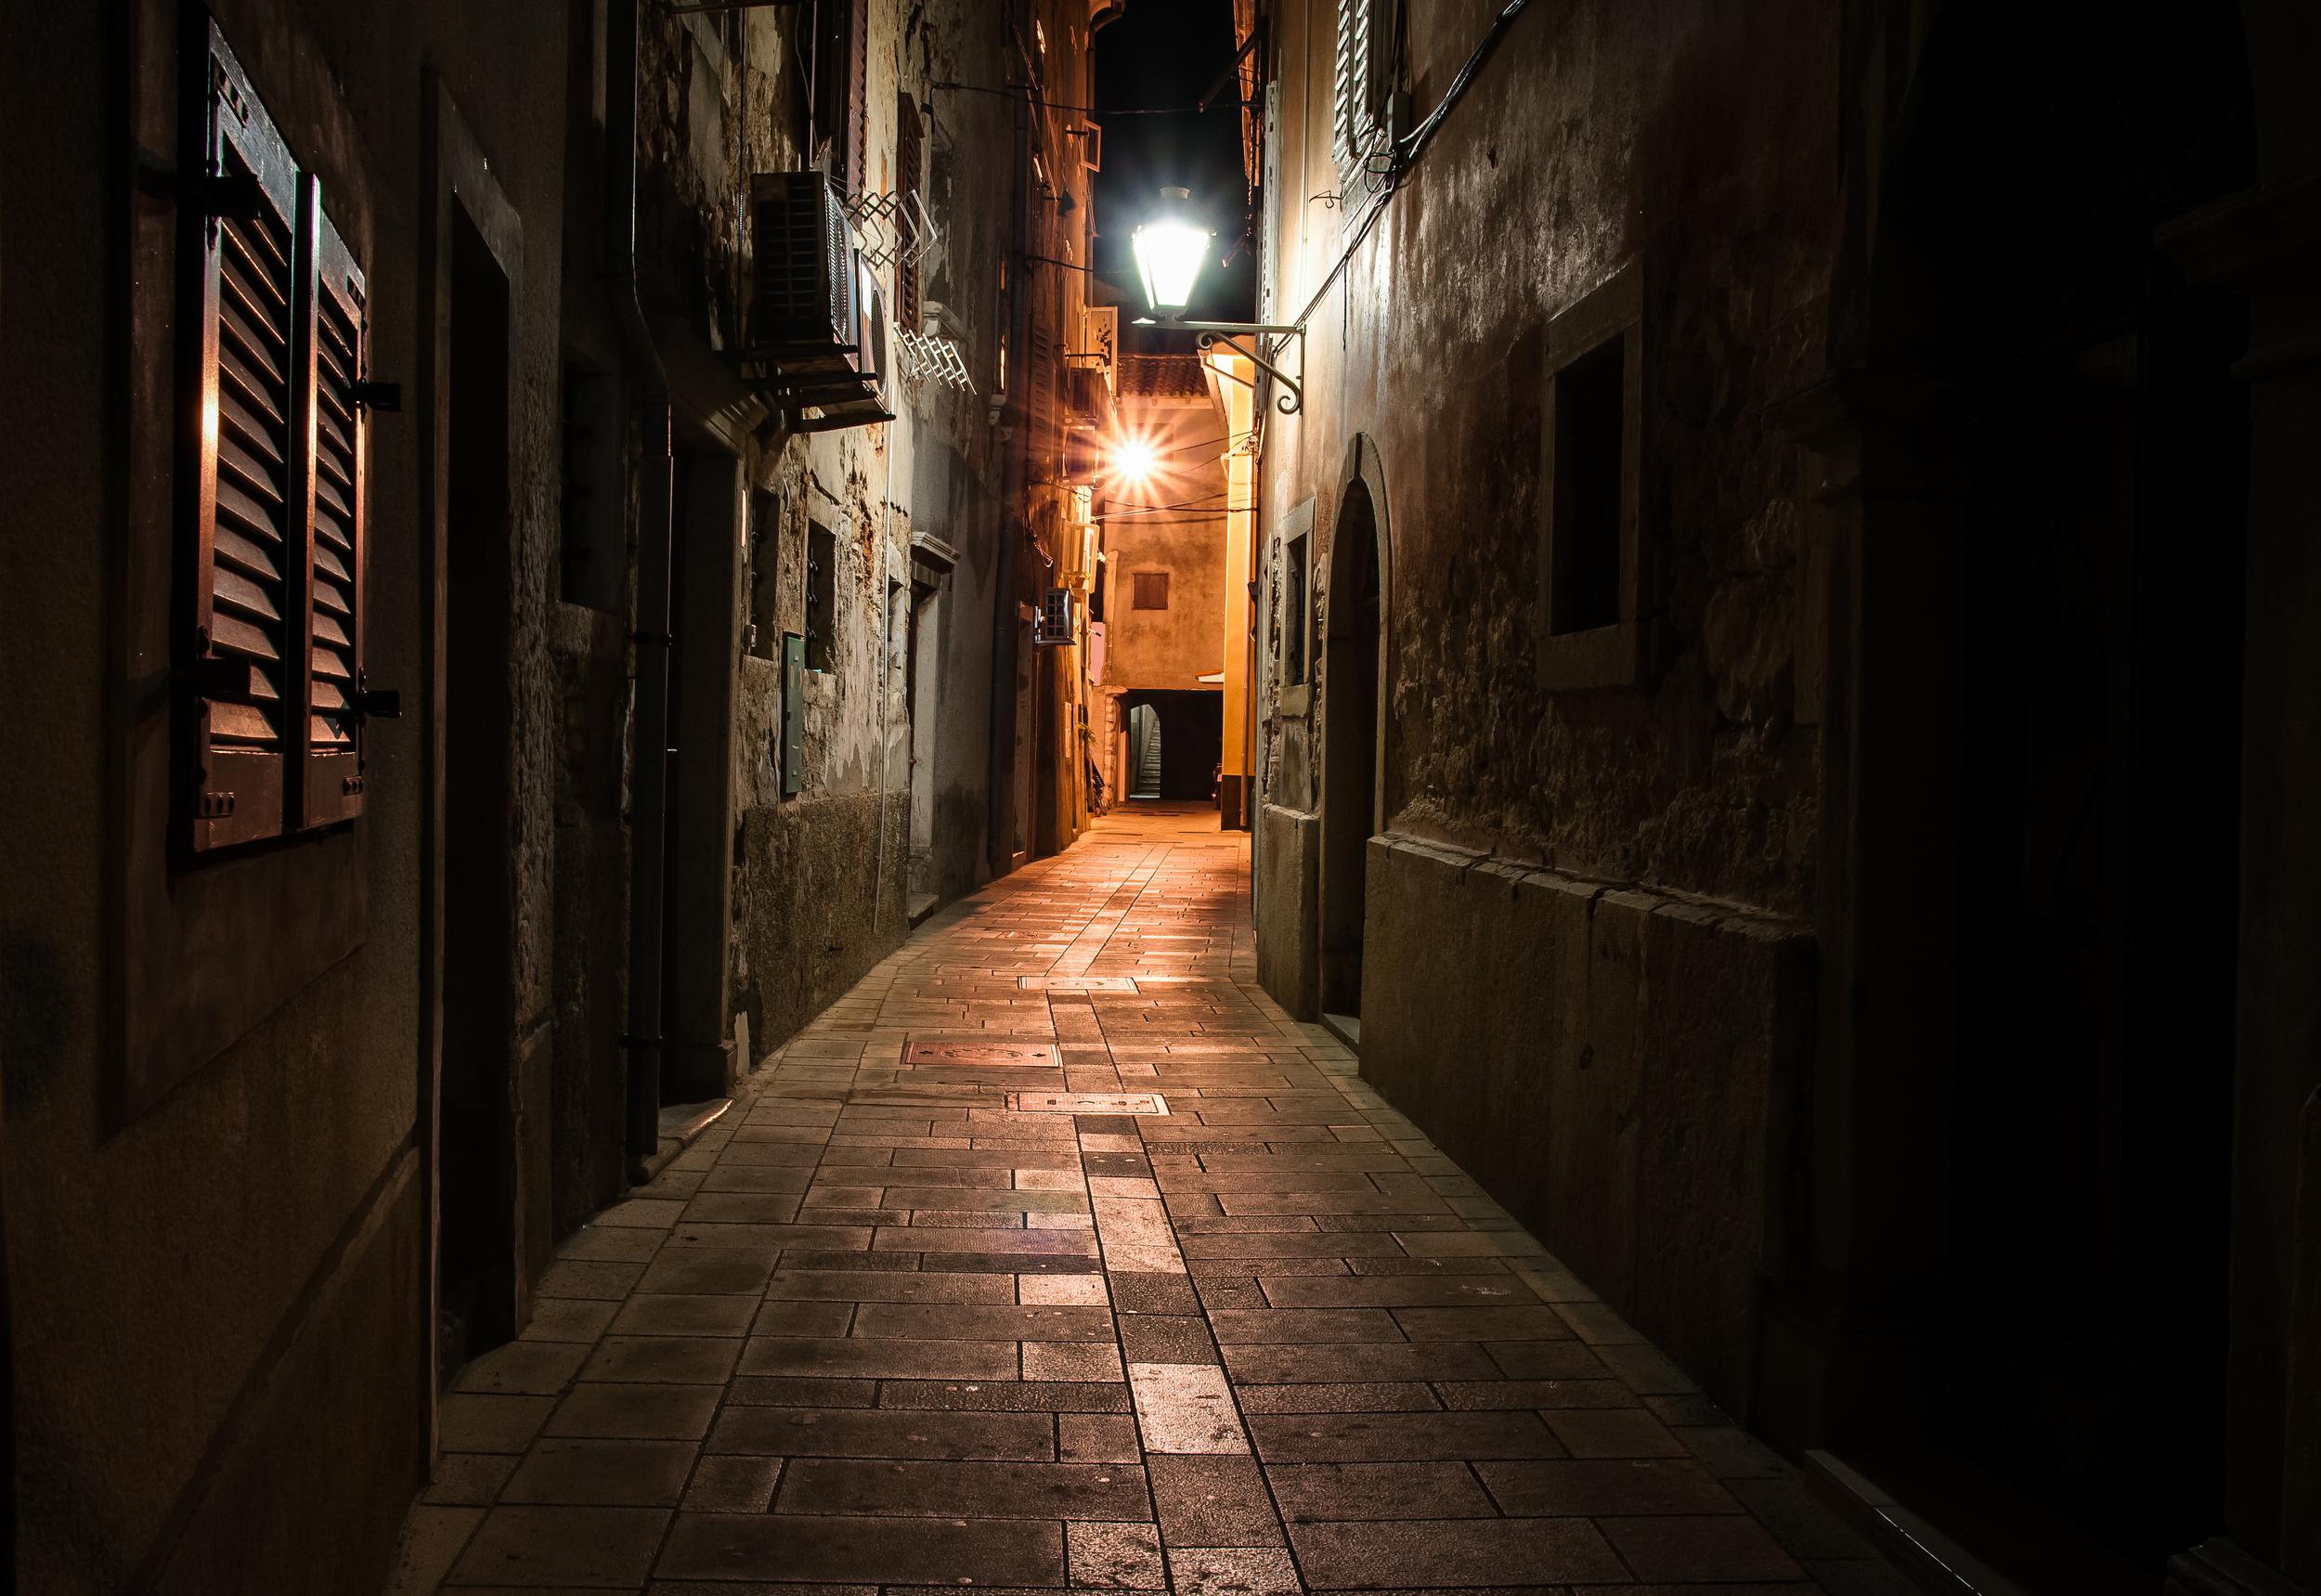 Cres alley no water -FINAL develop.jpg